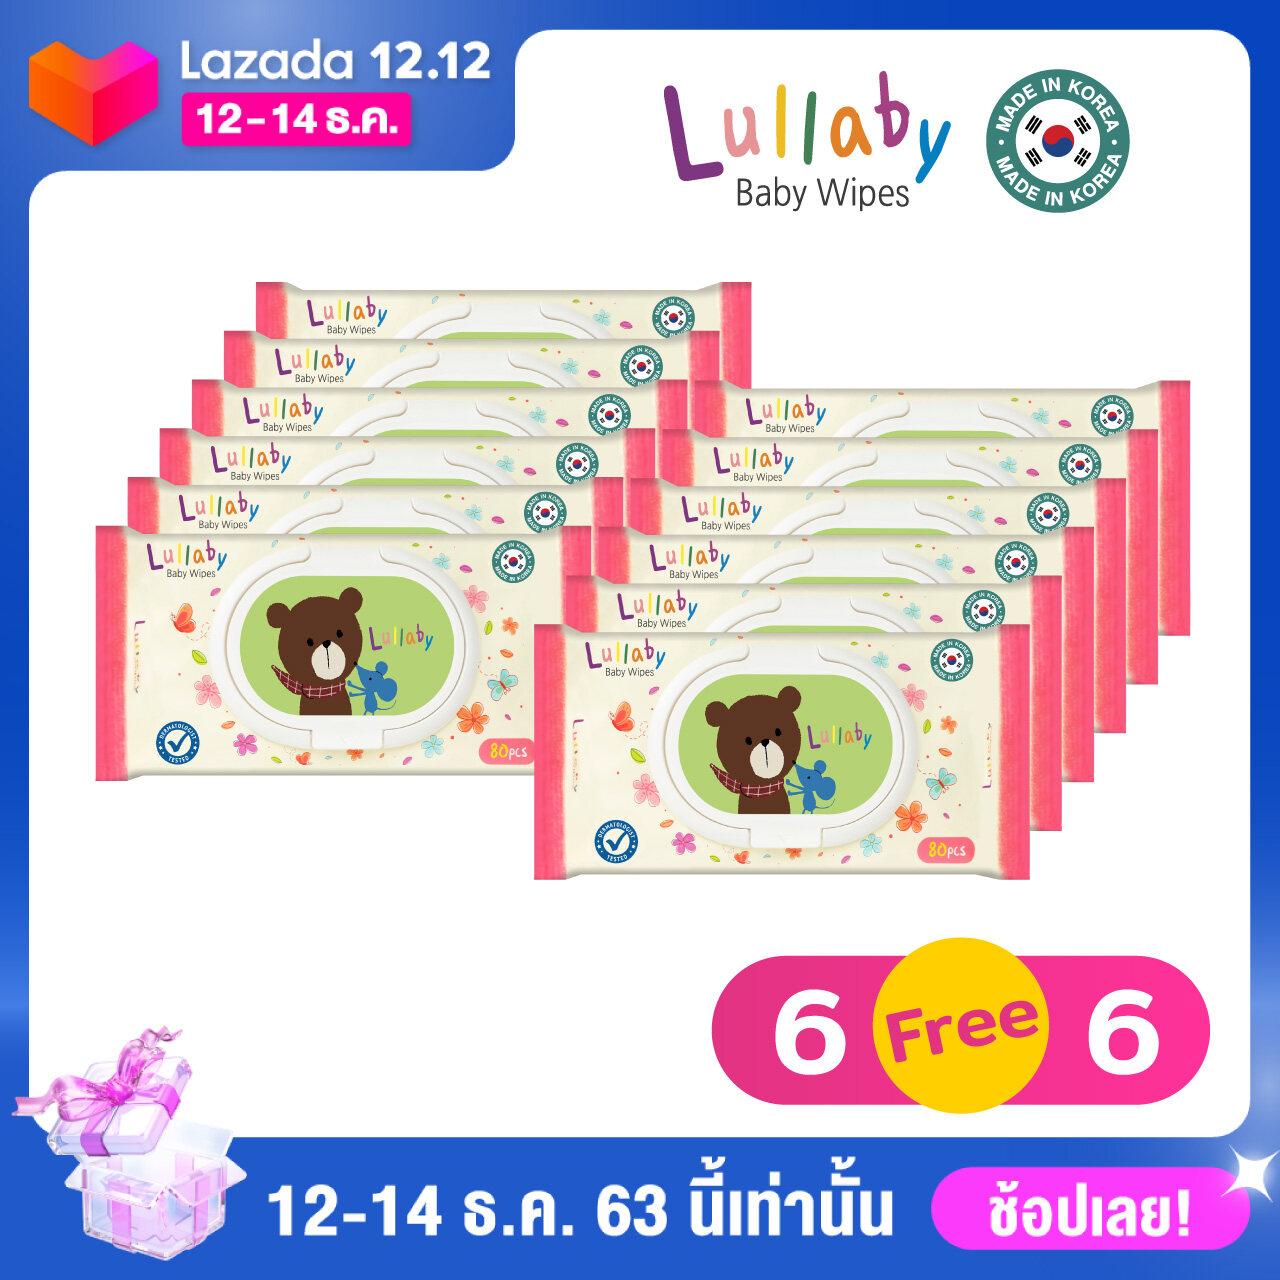 [ซื้อ 6 ฟรี 6 ] Lullaby baby wipes ทิชชู่เปียกลัลลาบาย(80แผ่น) สูตรน้ำแร่จากฝรั่งเศส